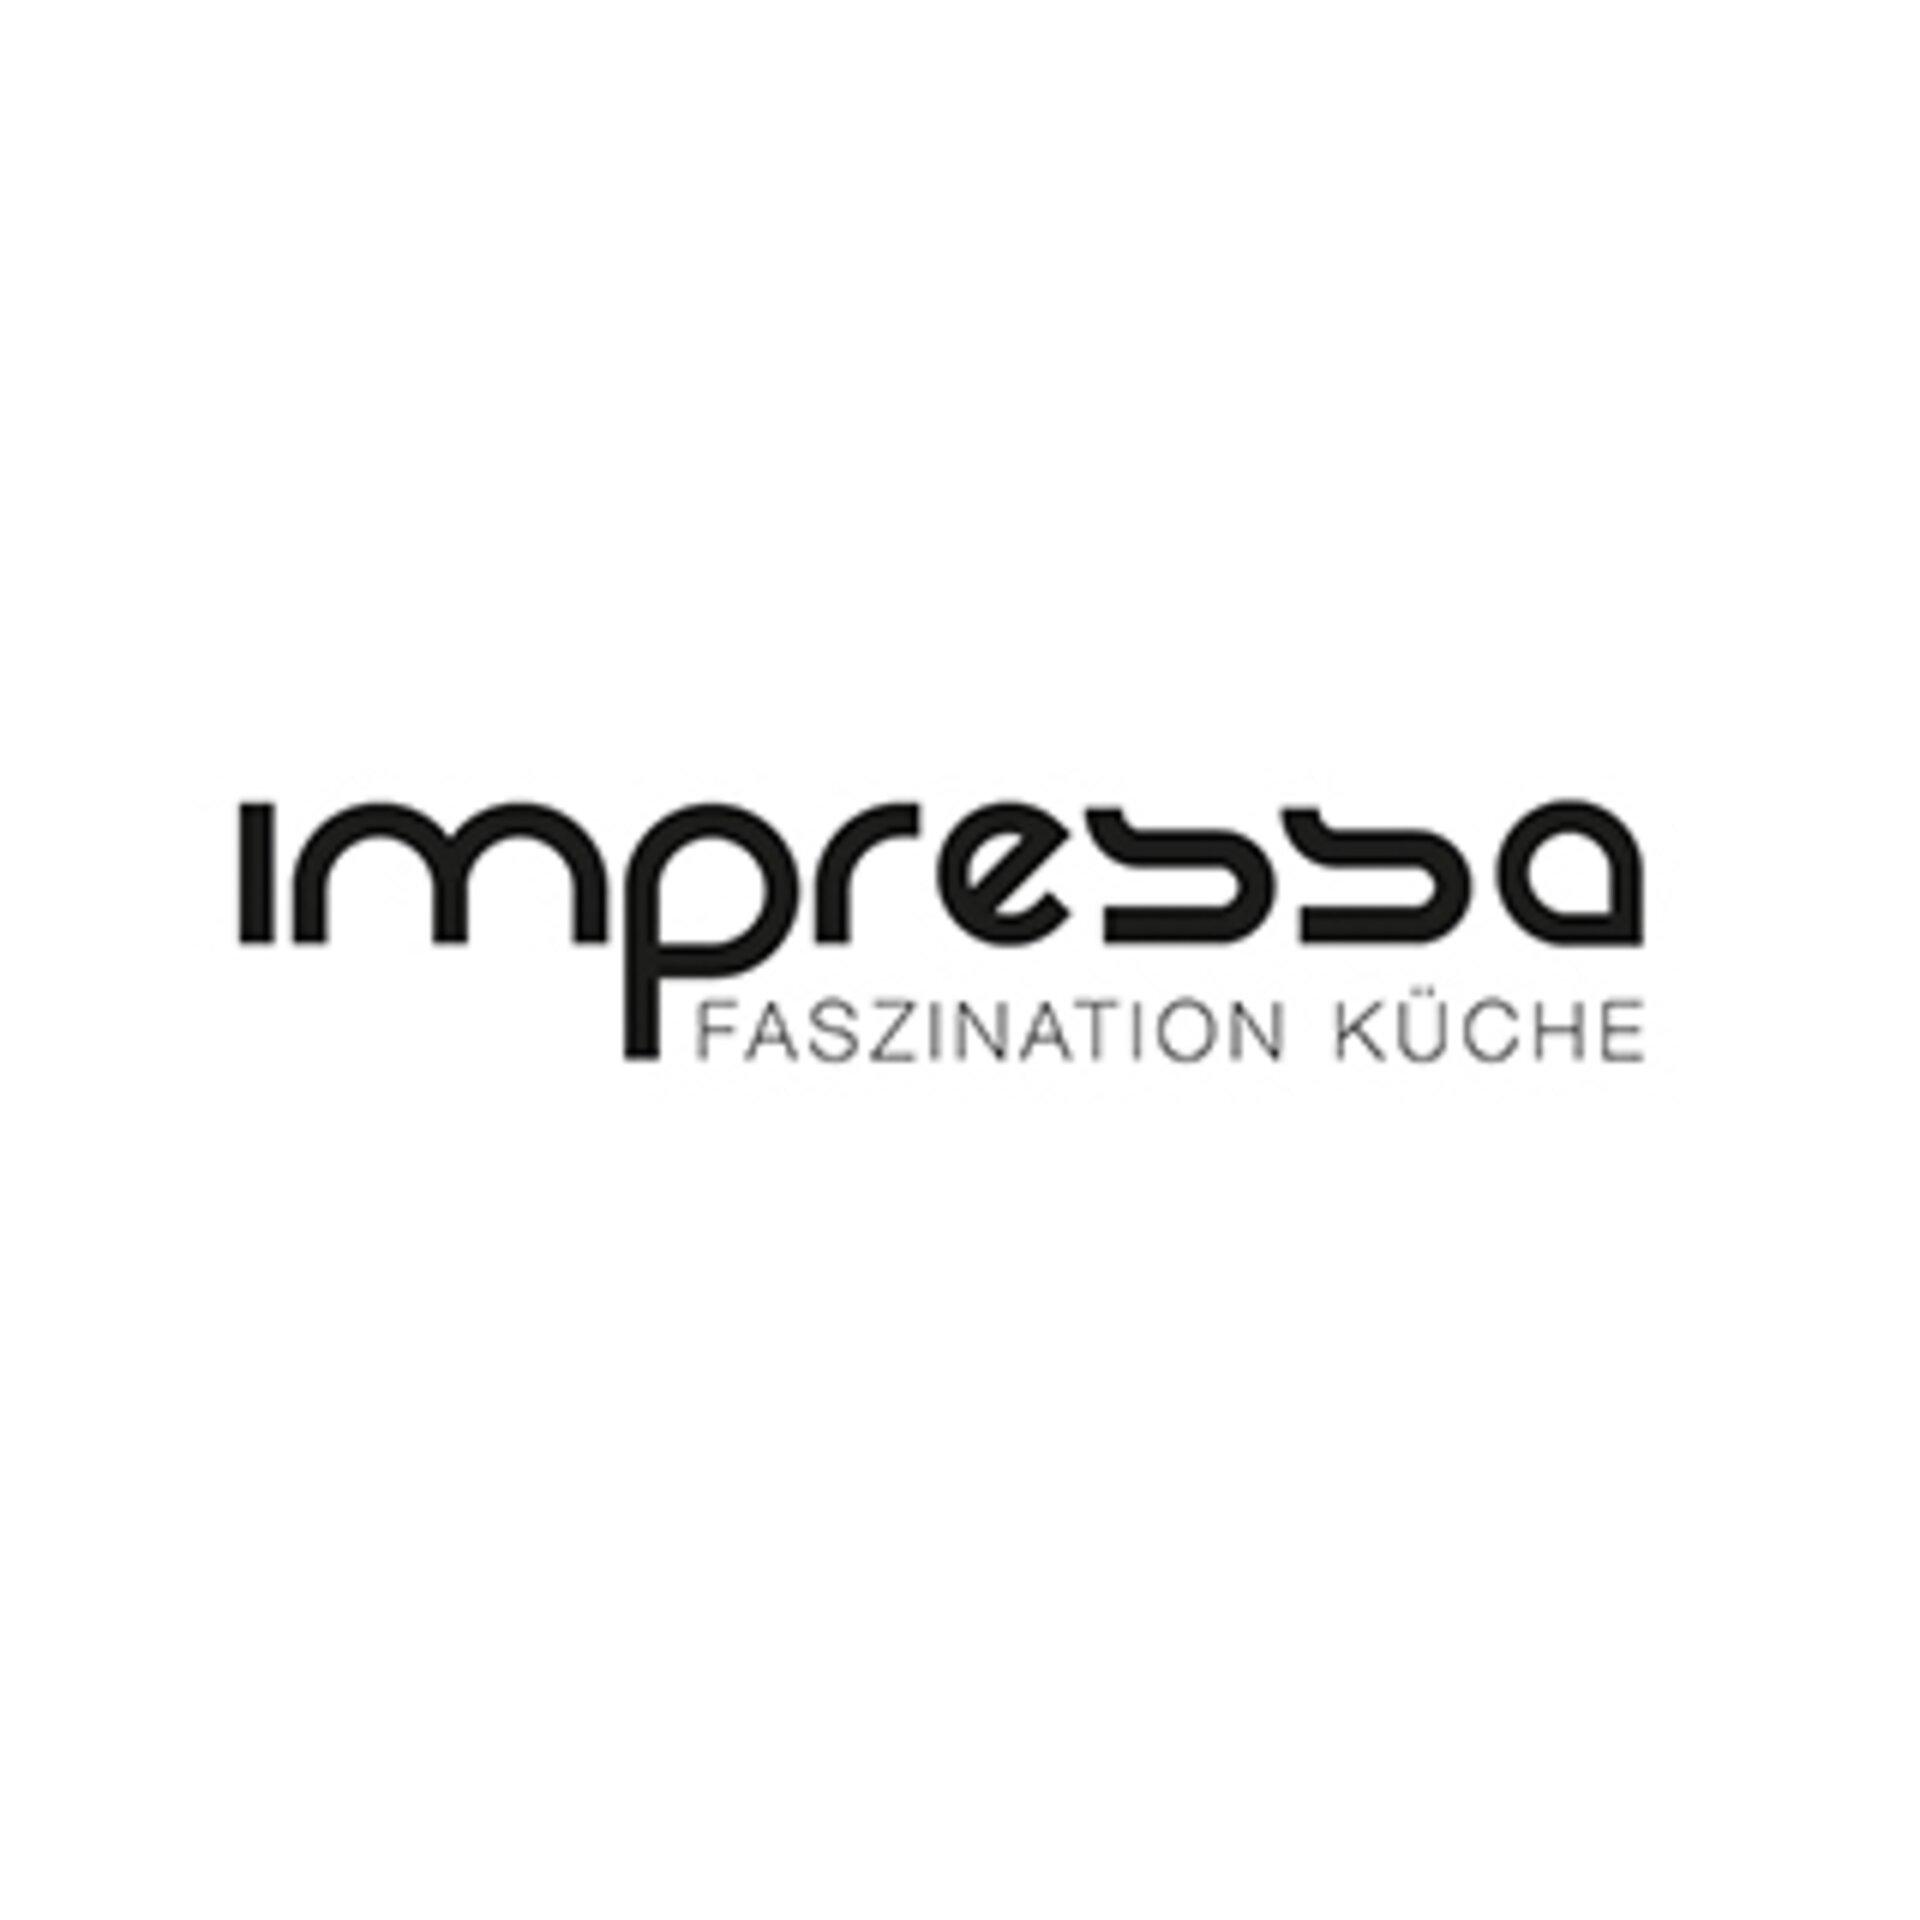 """Logo """"IMPRESSA - Faszination Küche"""""""